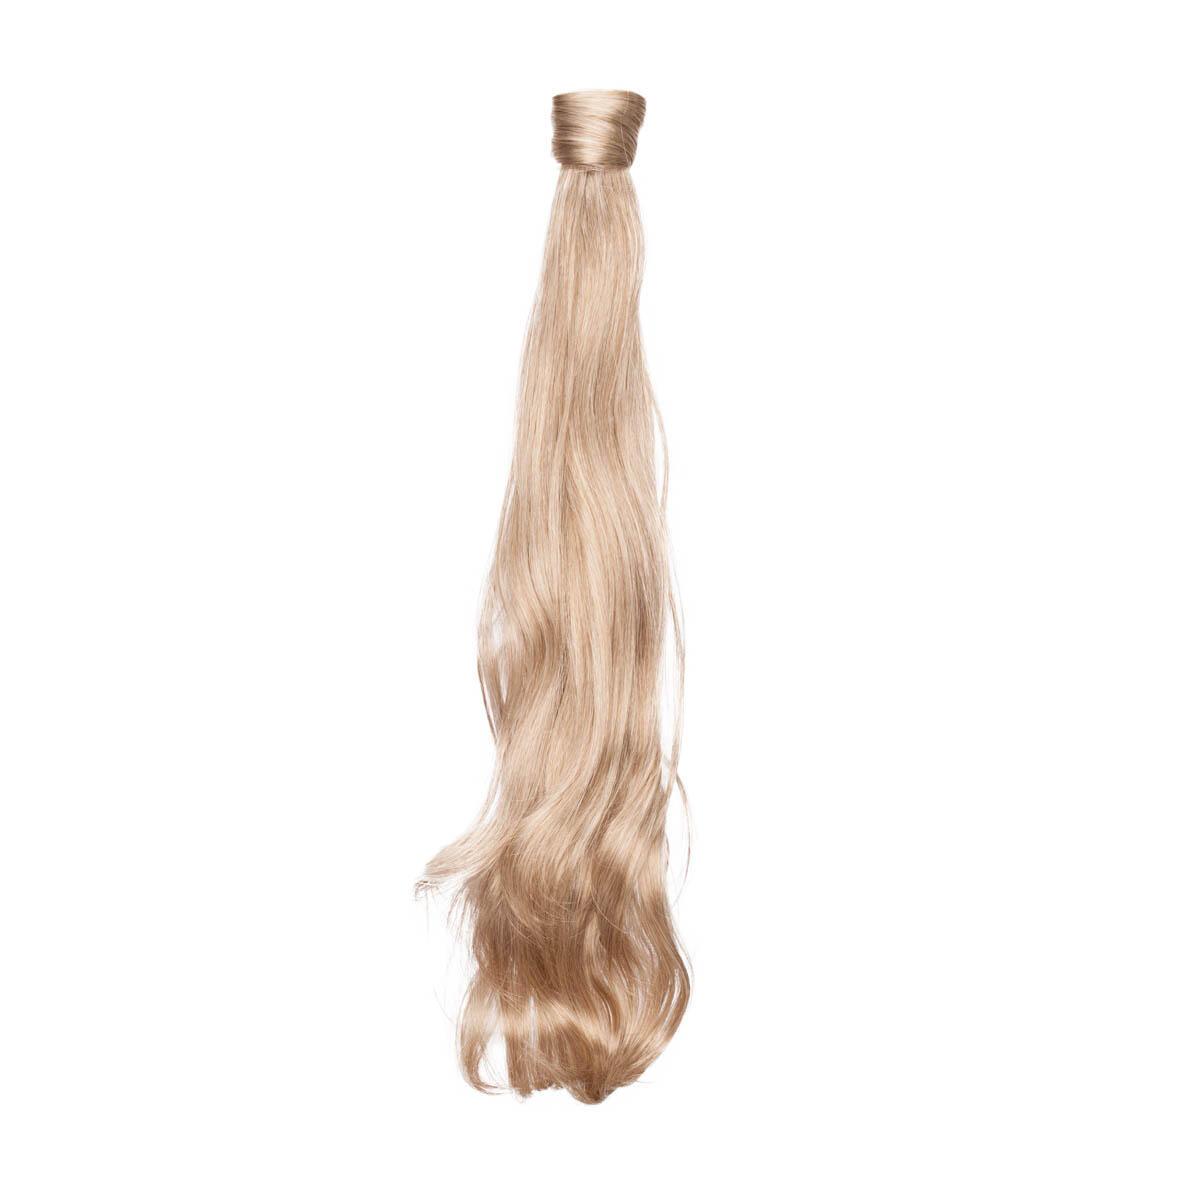 Clip-in Ponytail 9.6 Natural Ash Blonde 50 cm